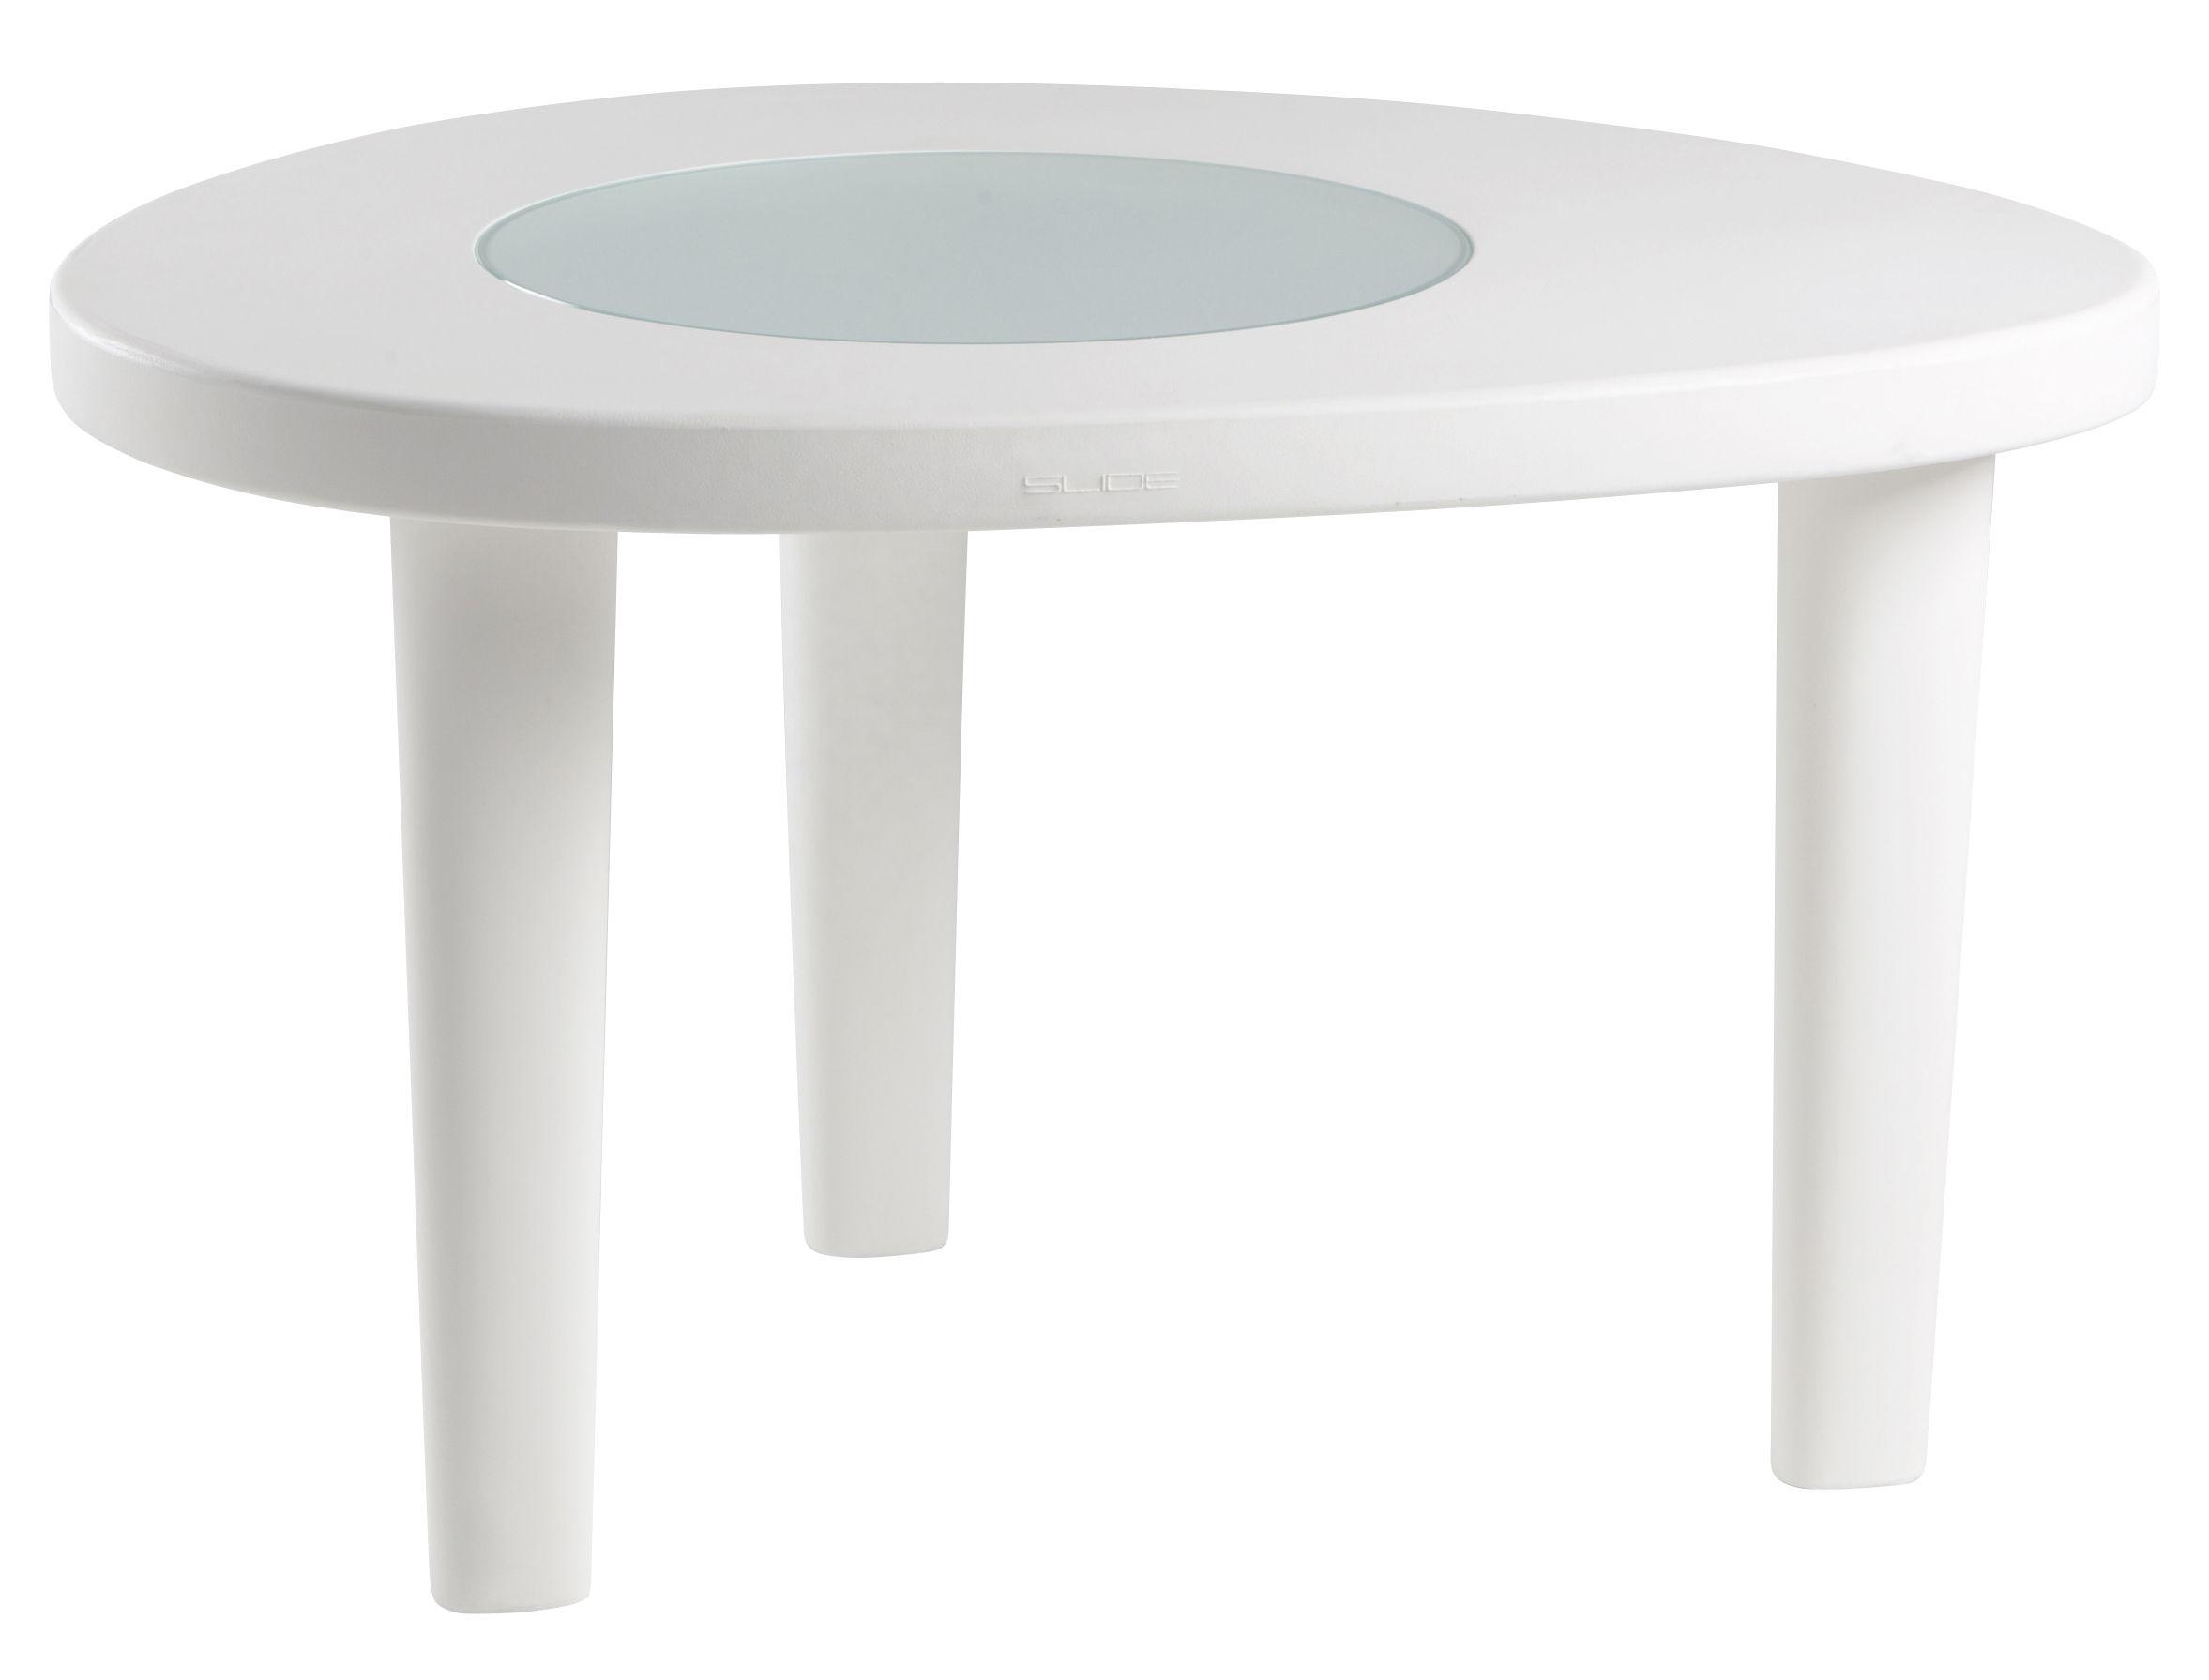 Outdoor - Tables de jardin - Table ronde Coccodé / 100 x 120 cm / Plastique & verre - Slide - Blanc / Centre transparent - Polyéthylène recyclable, Verre trempé